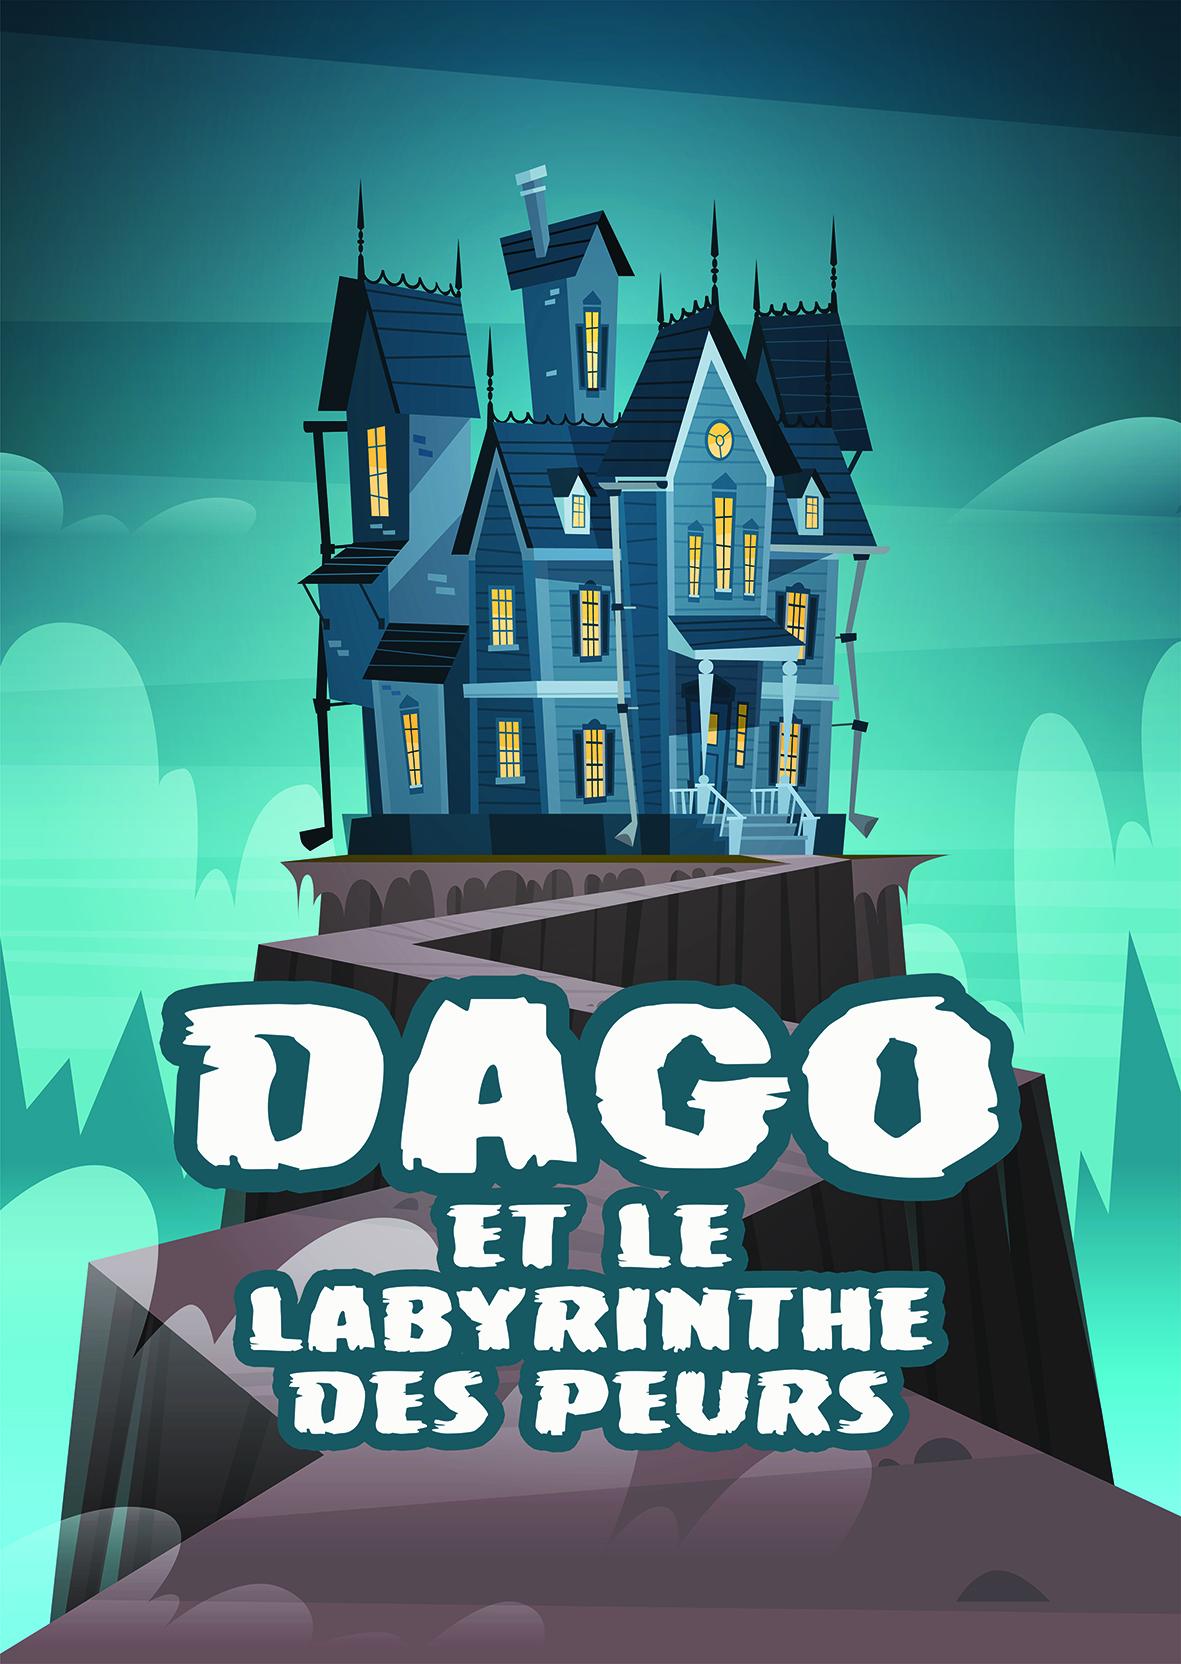 Dago et le labyrinthe des peurs